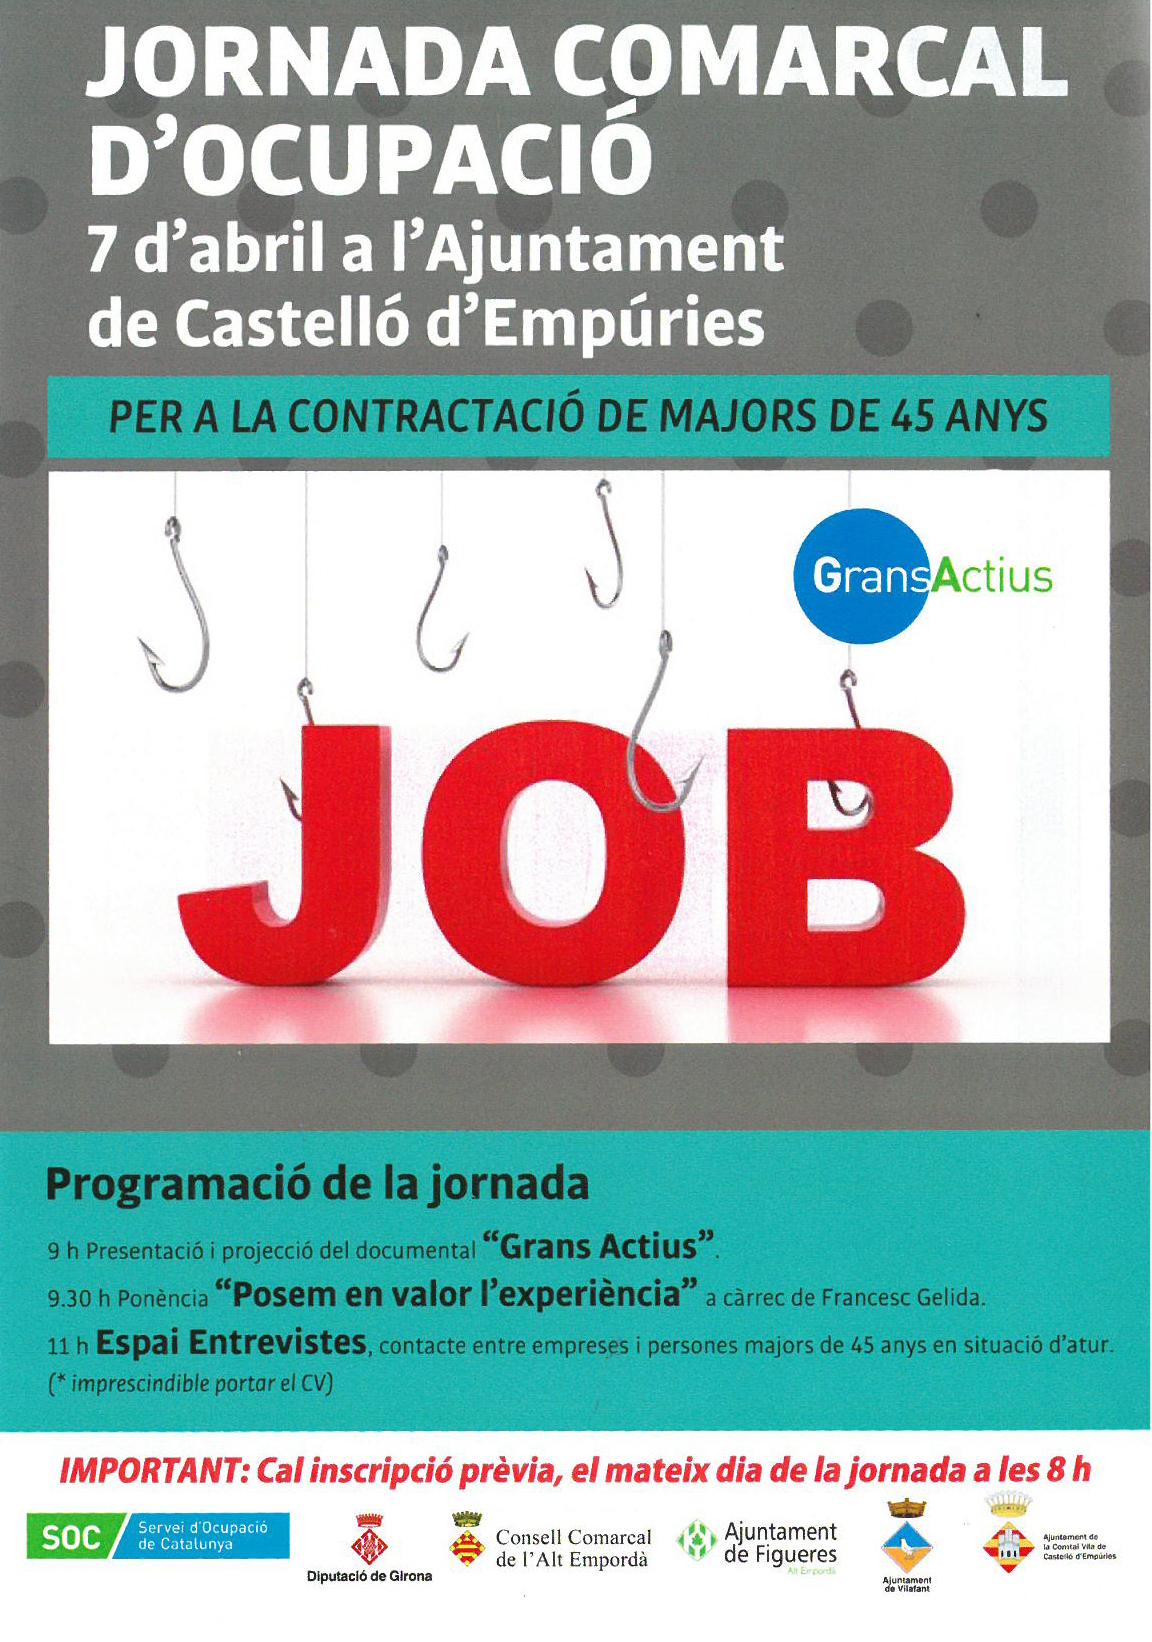 Castelló d'Empúries acull la primera jornada comarcal d'ocupació per a persones de més de 45 anys, en qual s'oferiran 23 llocs de treball